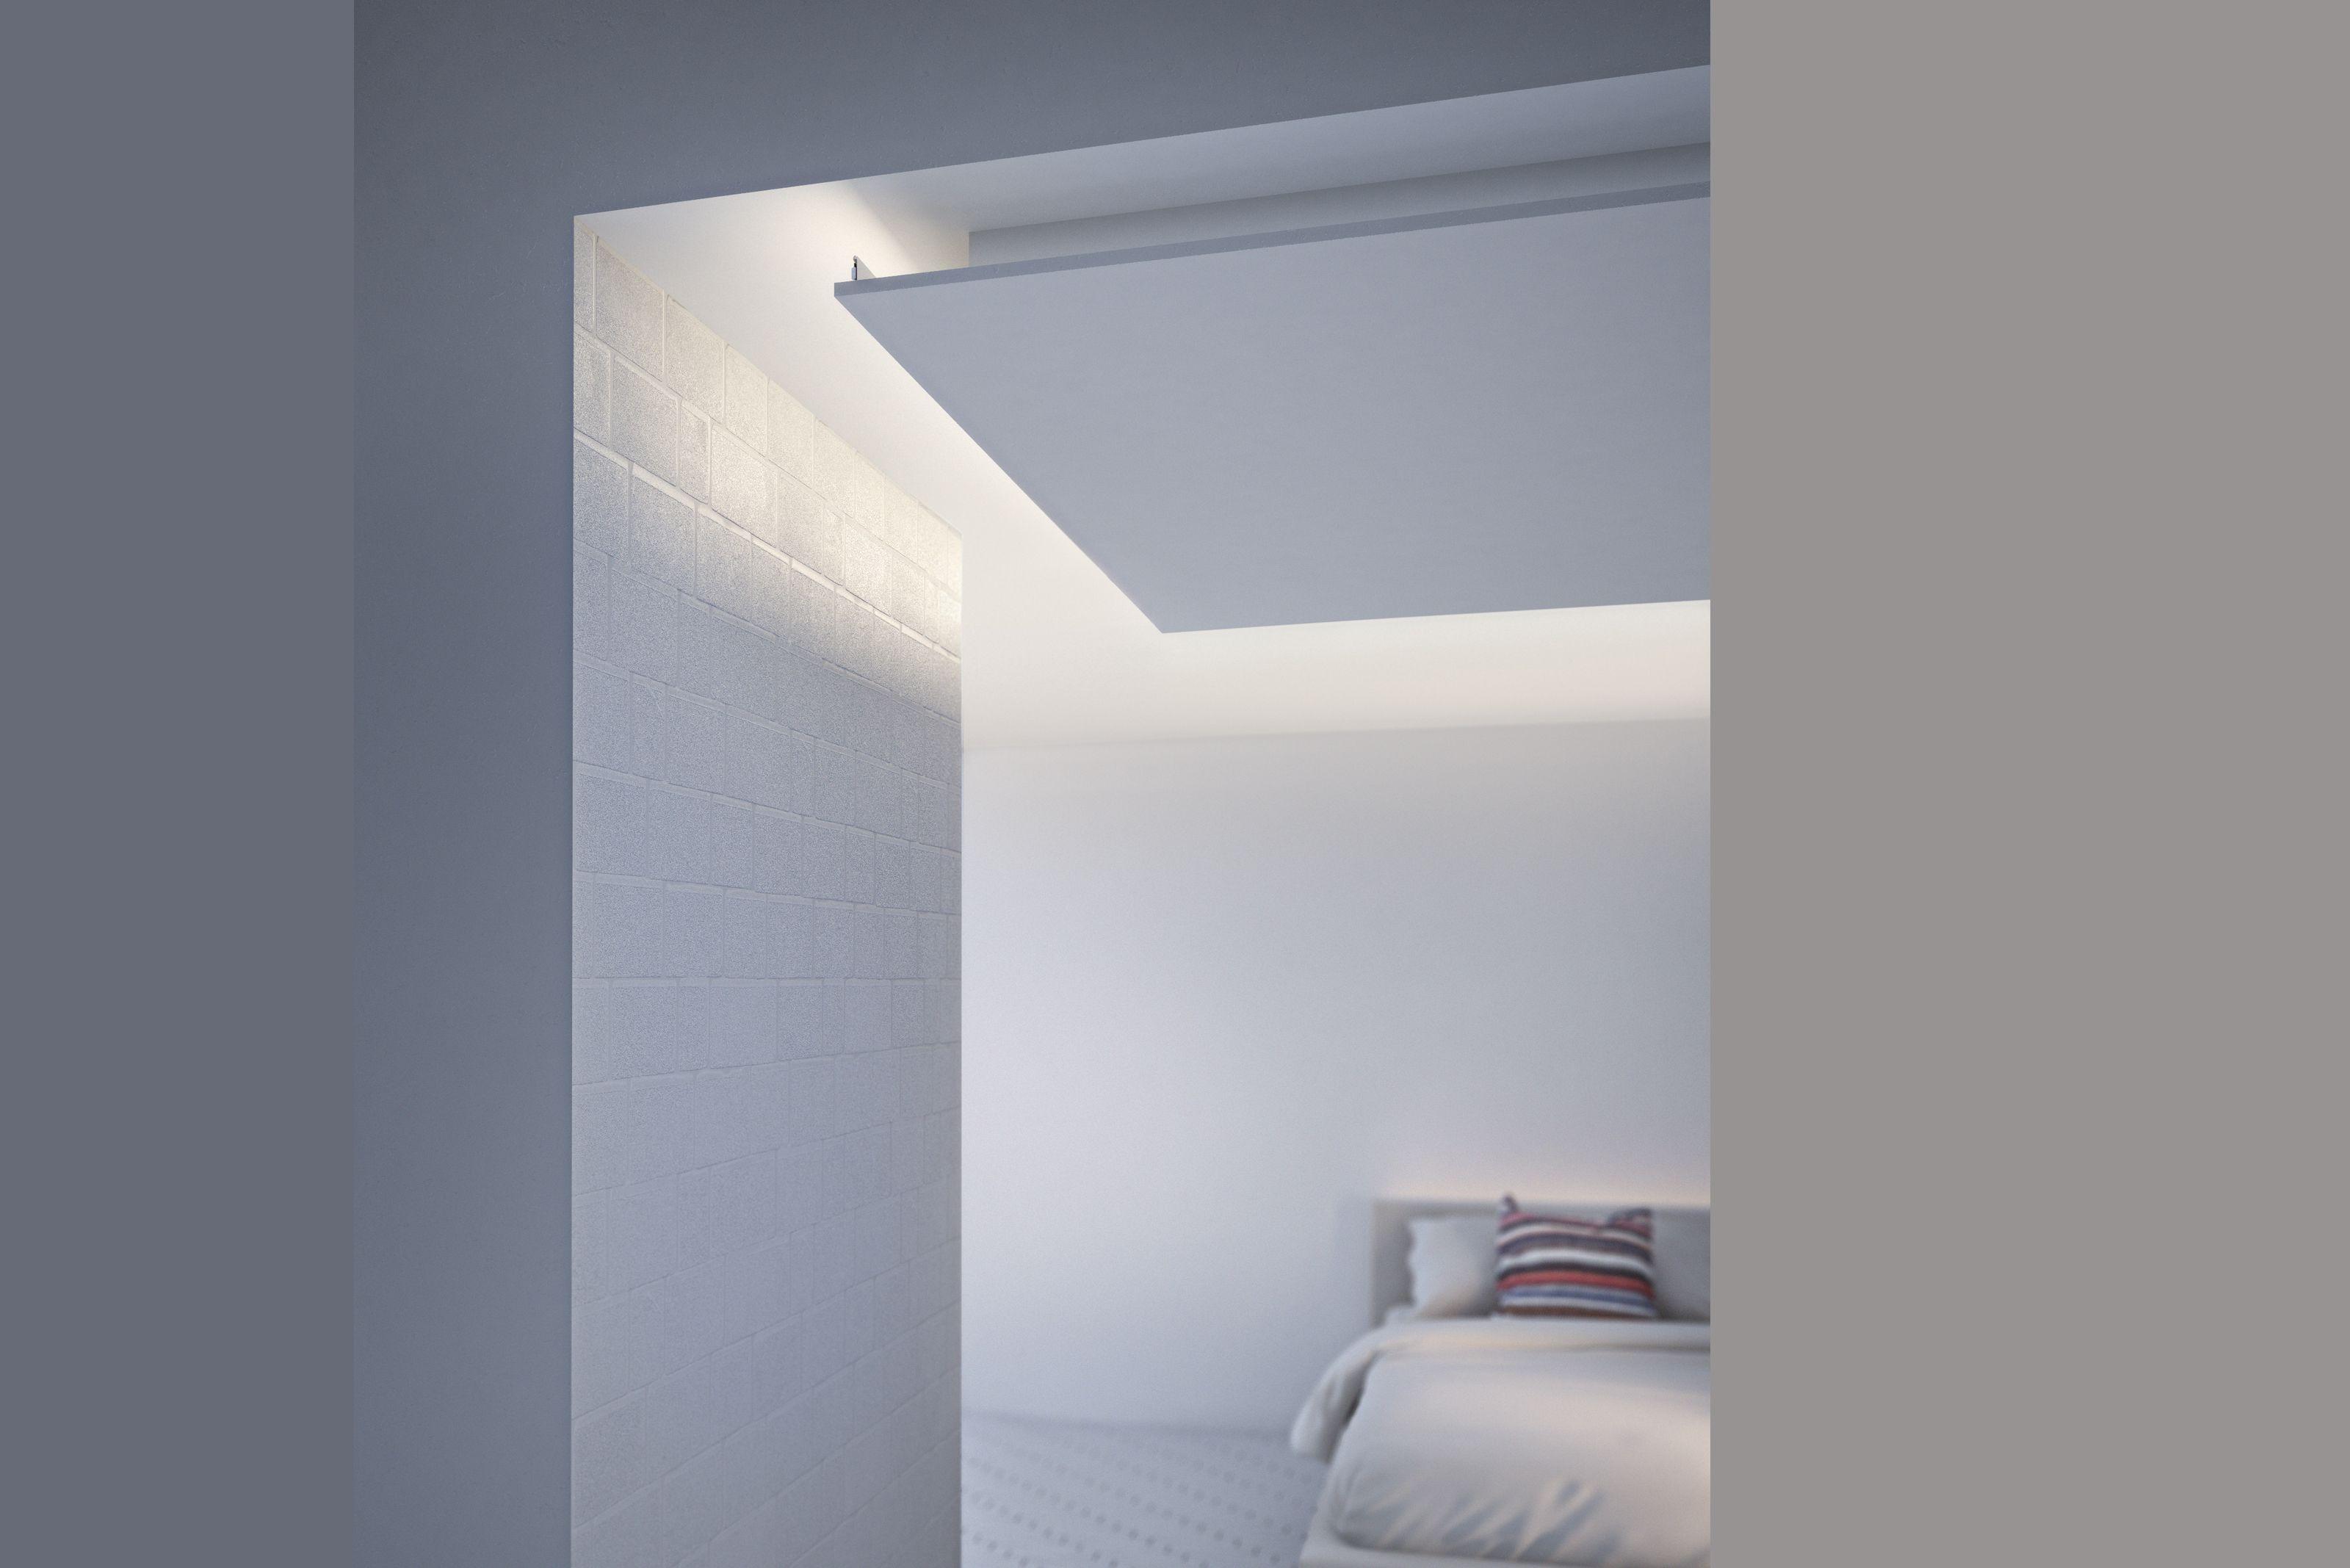 lightline-cala-n-3-mj-lighting-v2